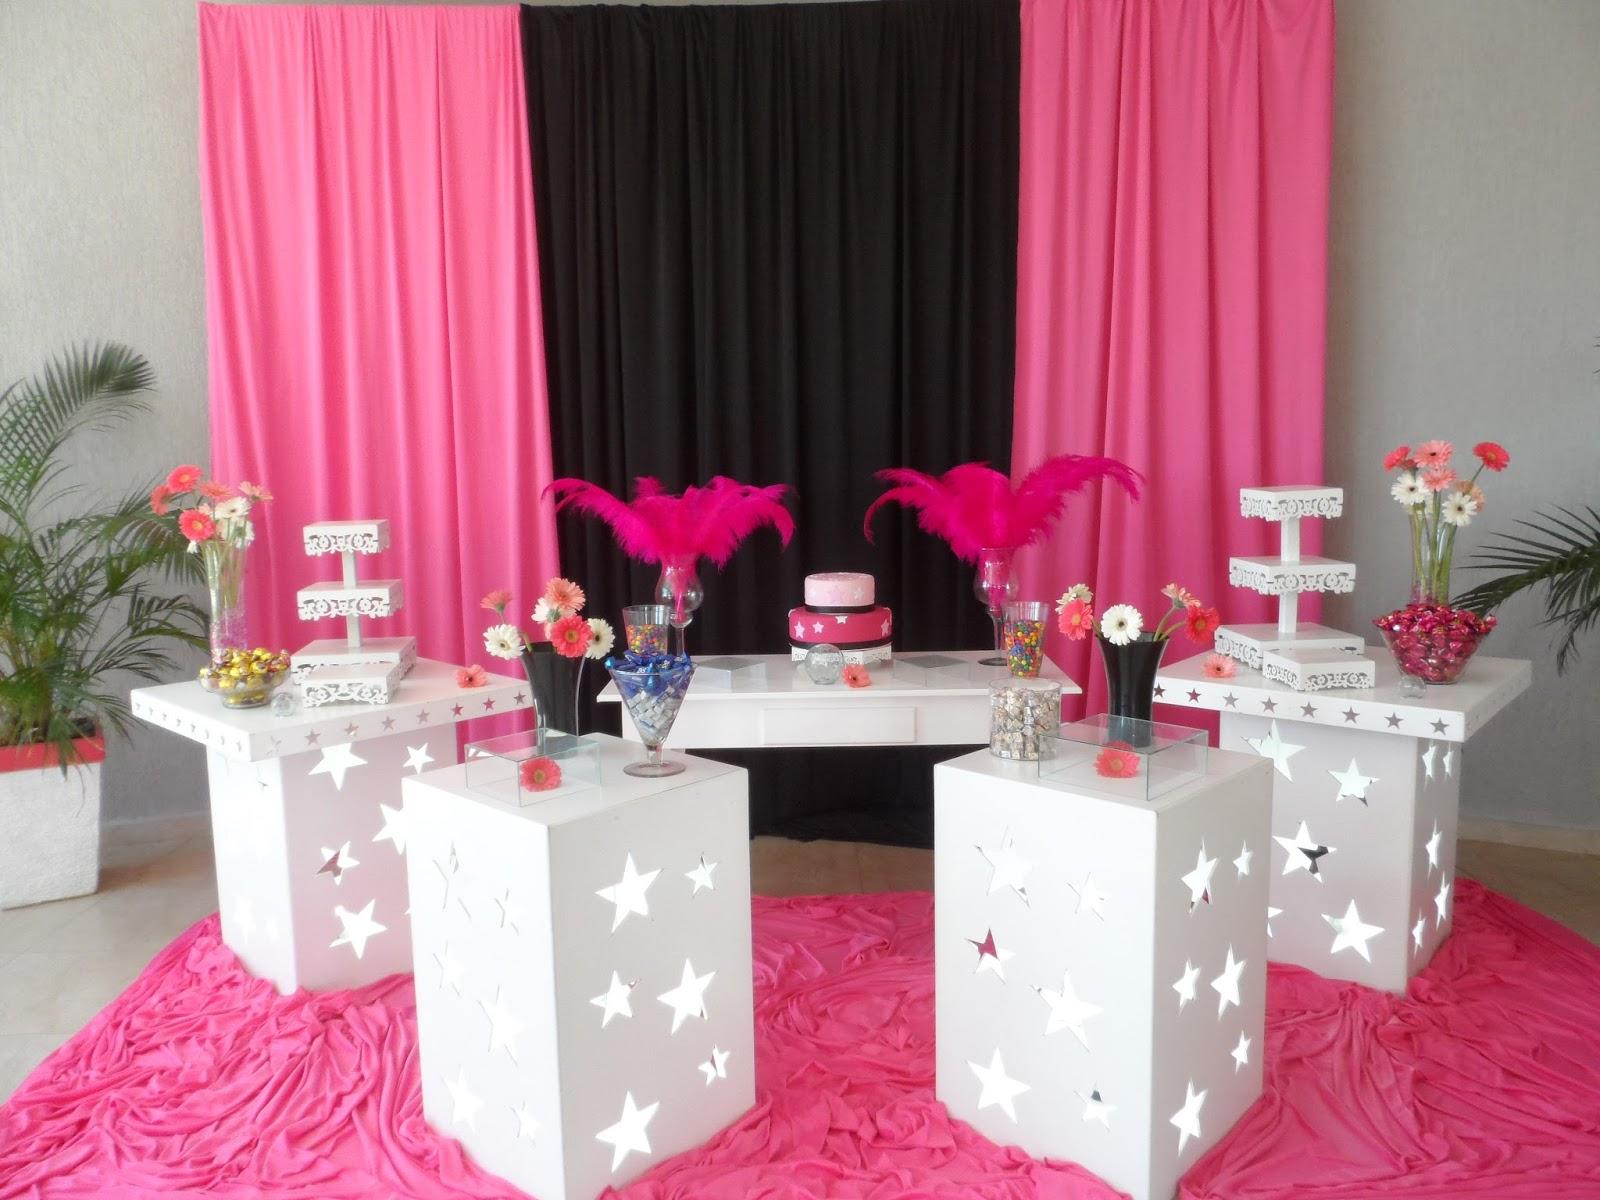 Crilê Decorações de Festas Infantis 15 ANOS PINK E PRETO